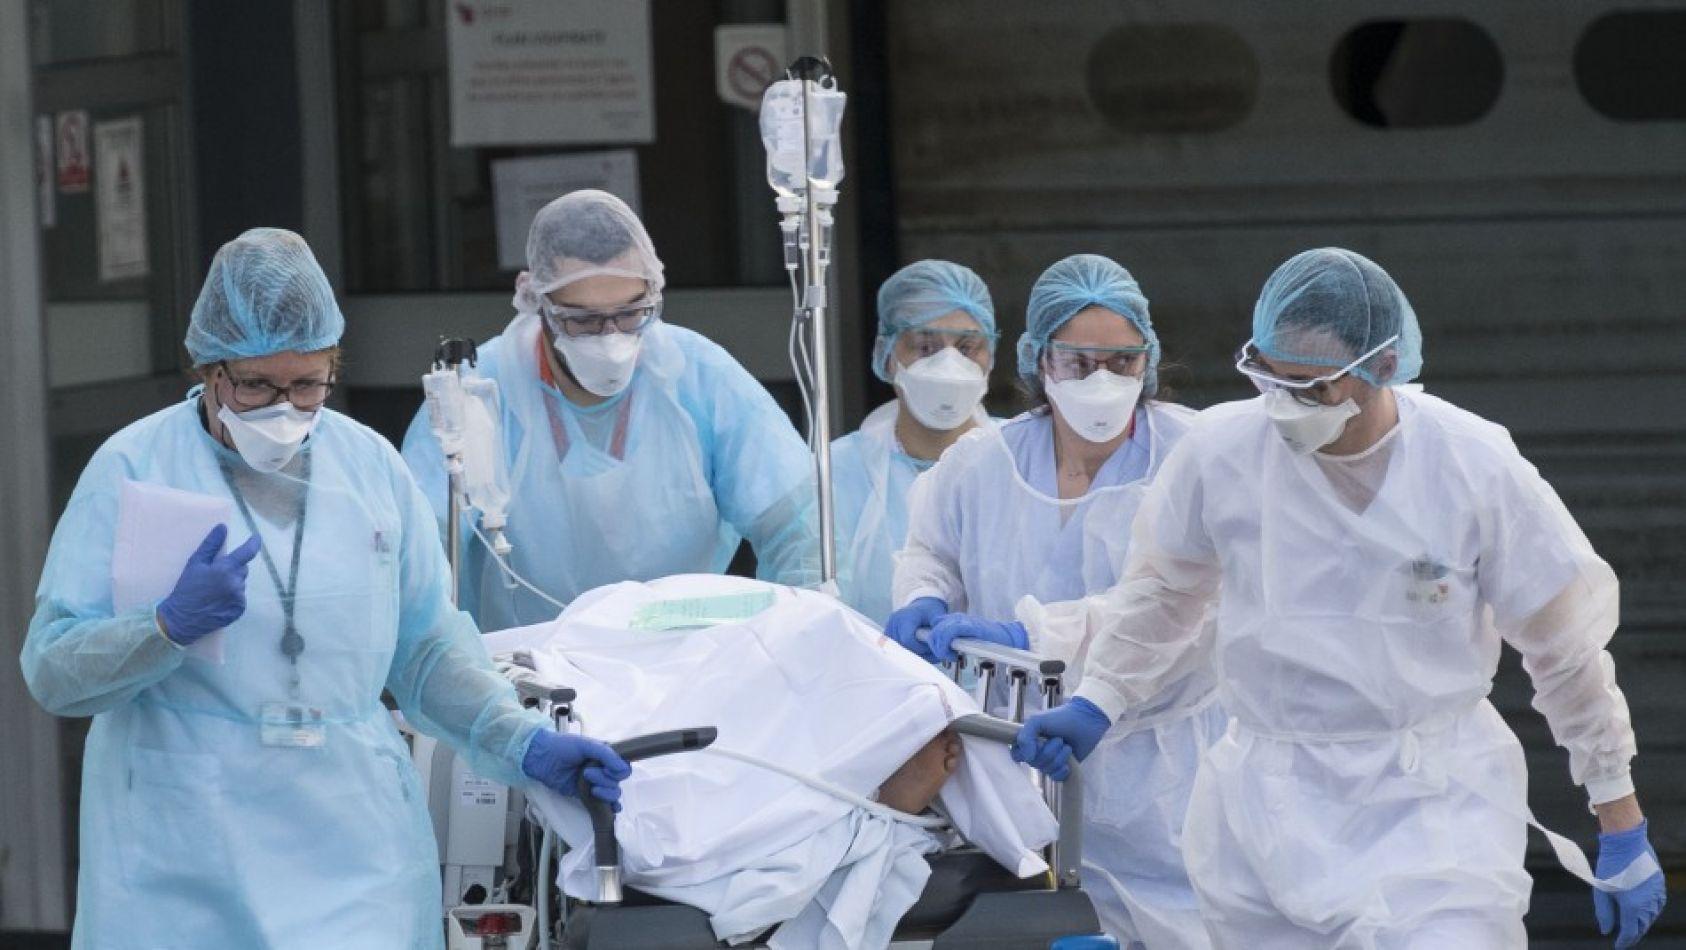 De 18 casos positivos informados hoy en Jujuy, 17 son trabajadores de la salud